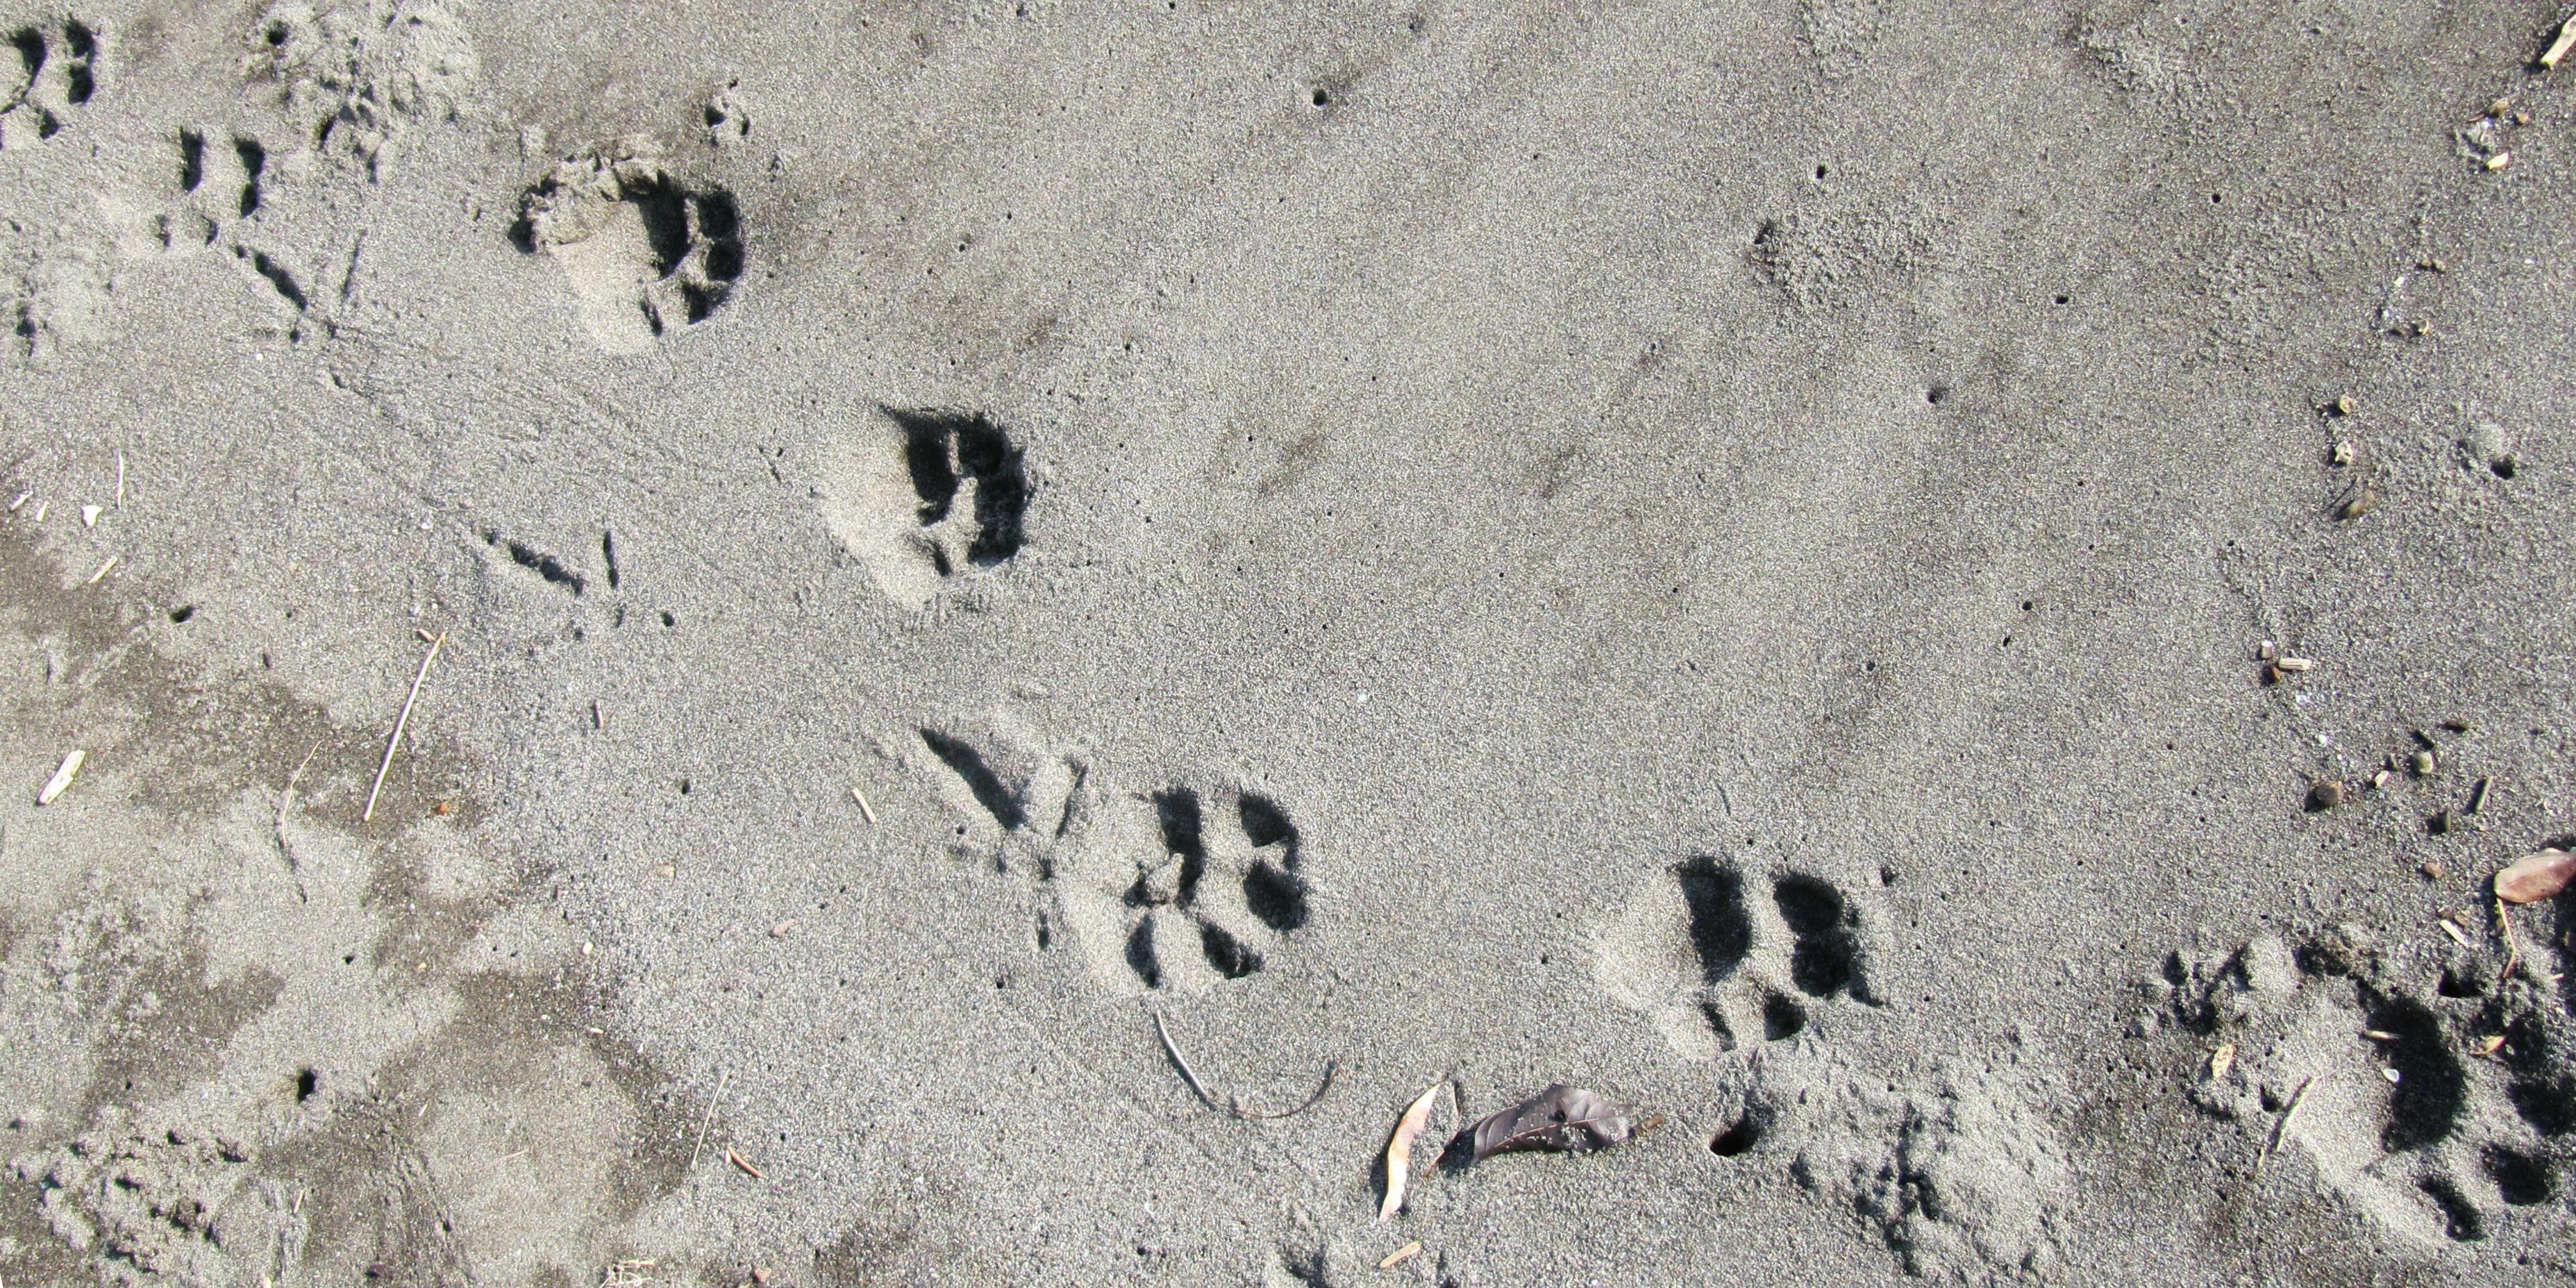 While volunteering in Costa Rica, volunteers find jaguar tracks on the beach.